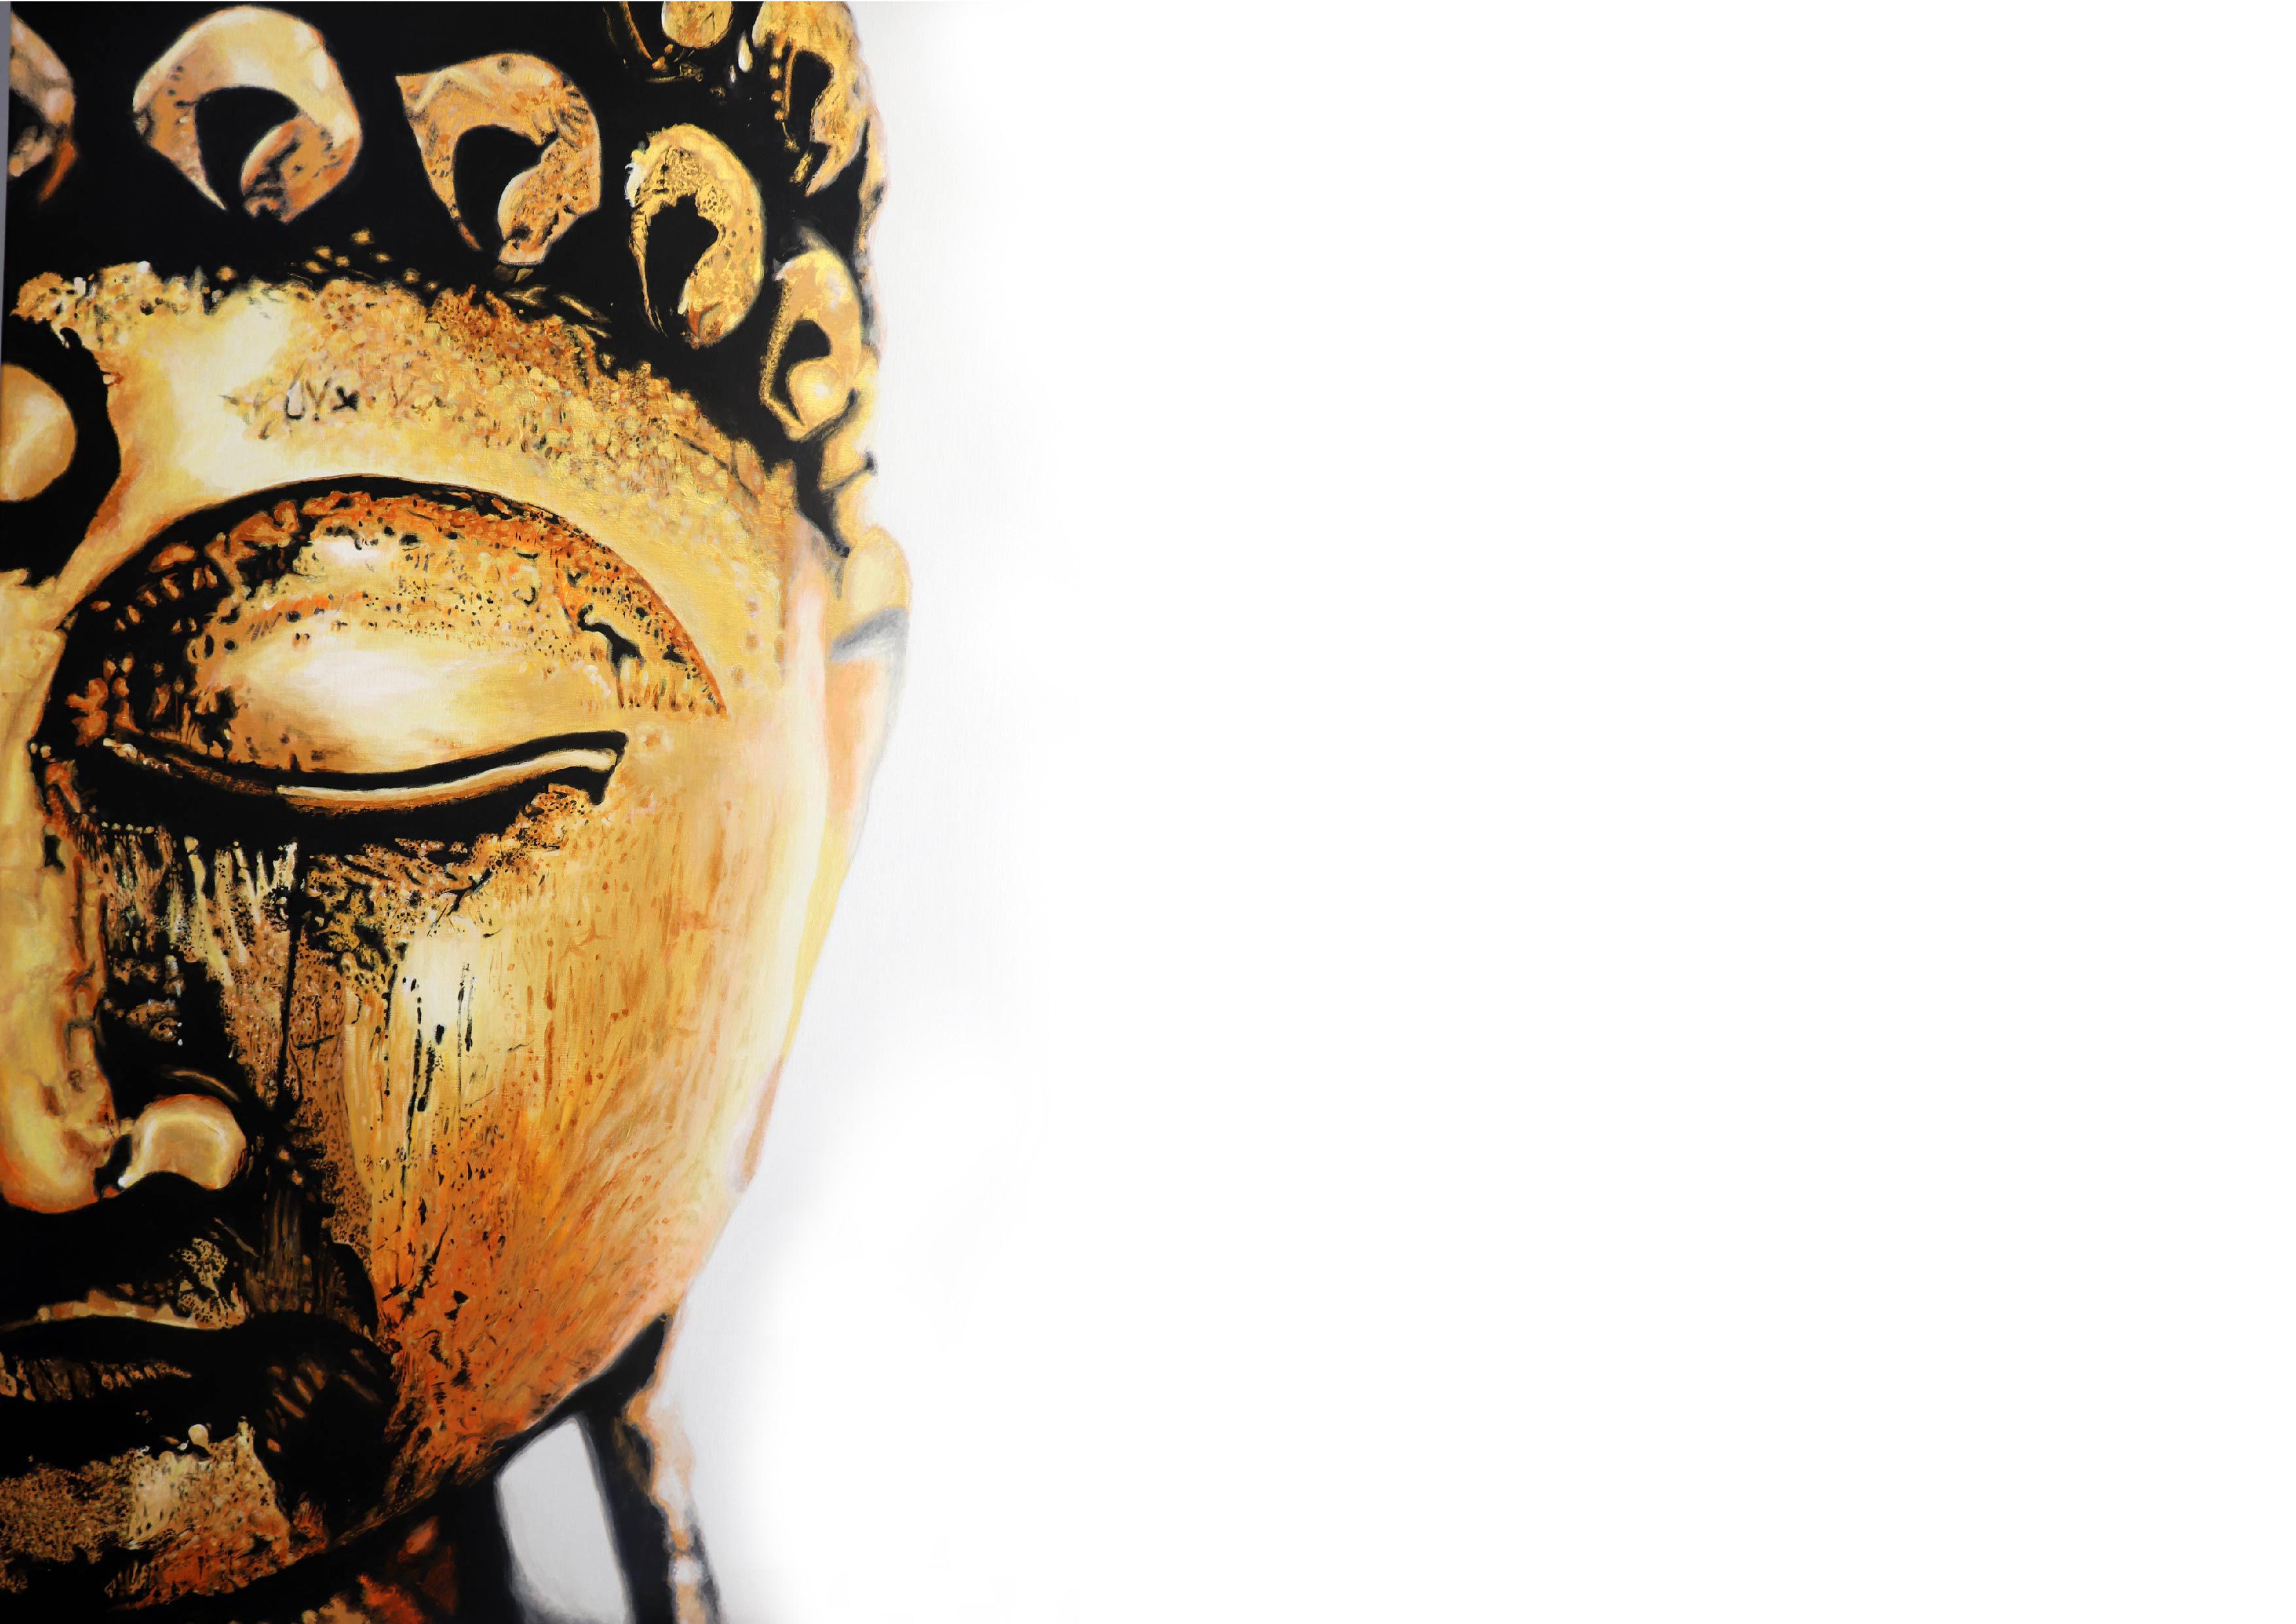 www.eefjemuurbloempje.nl - 61 boeddha goud metallic